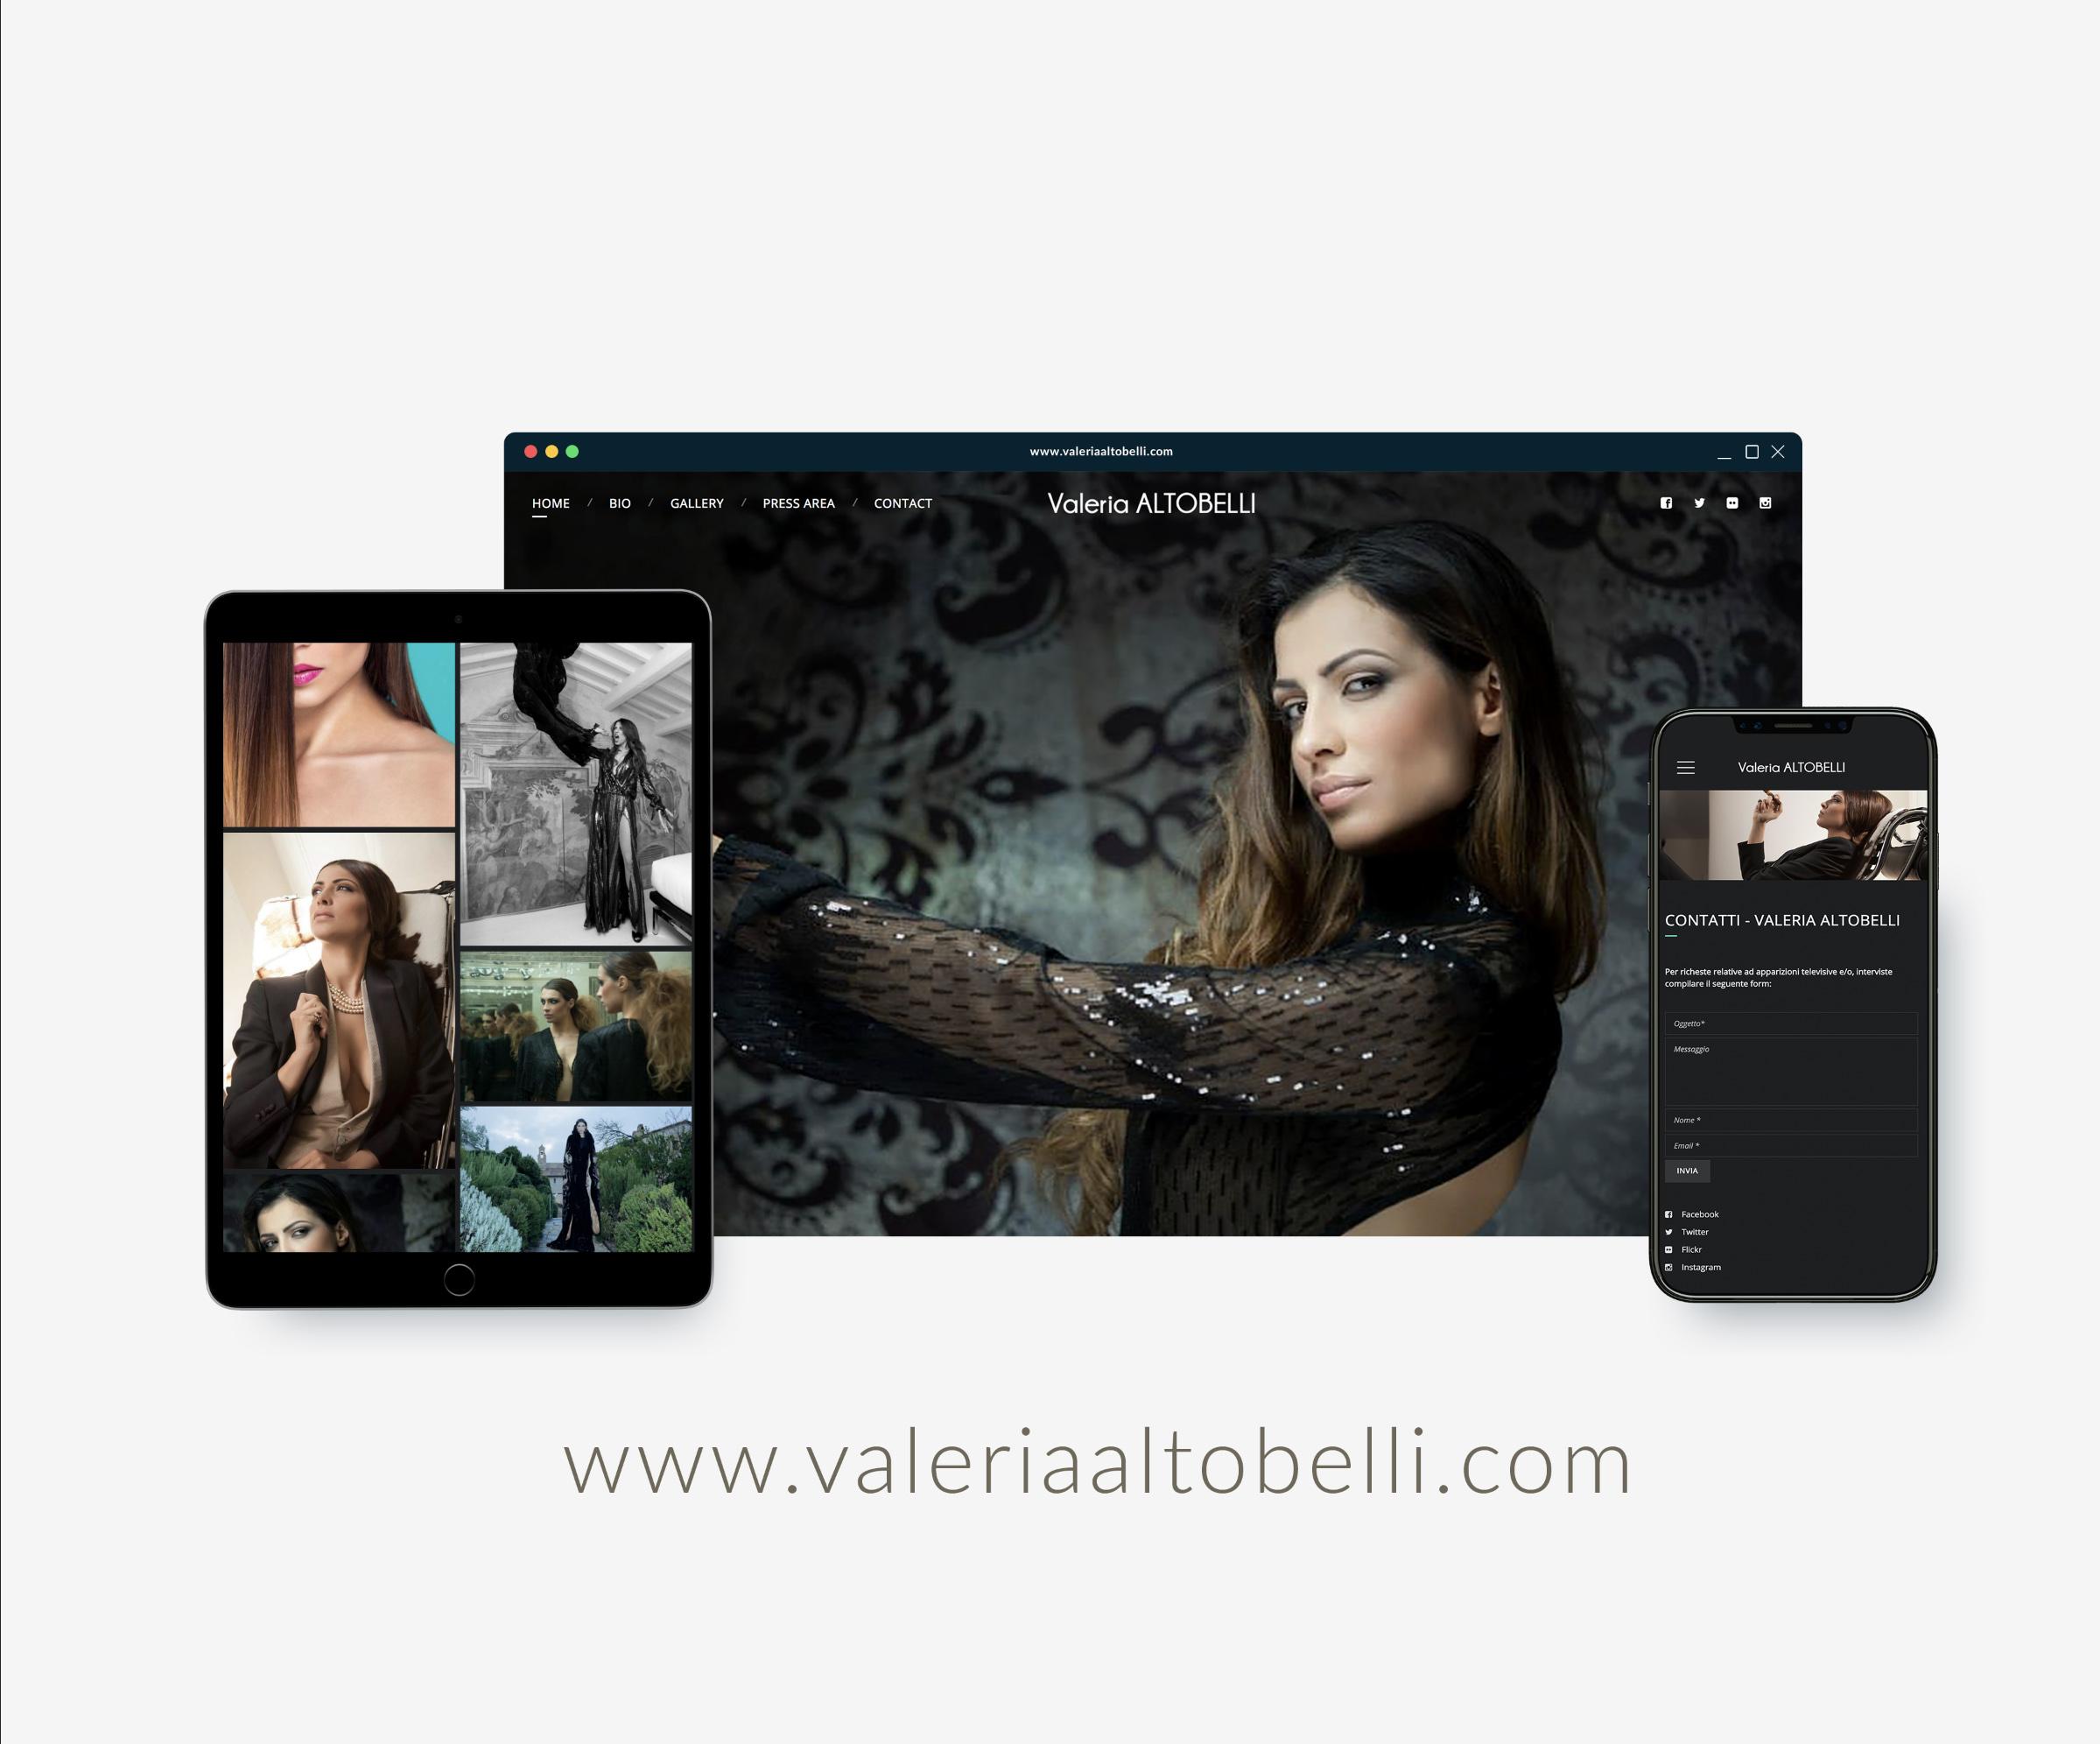 valeria altobella web site